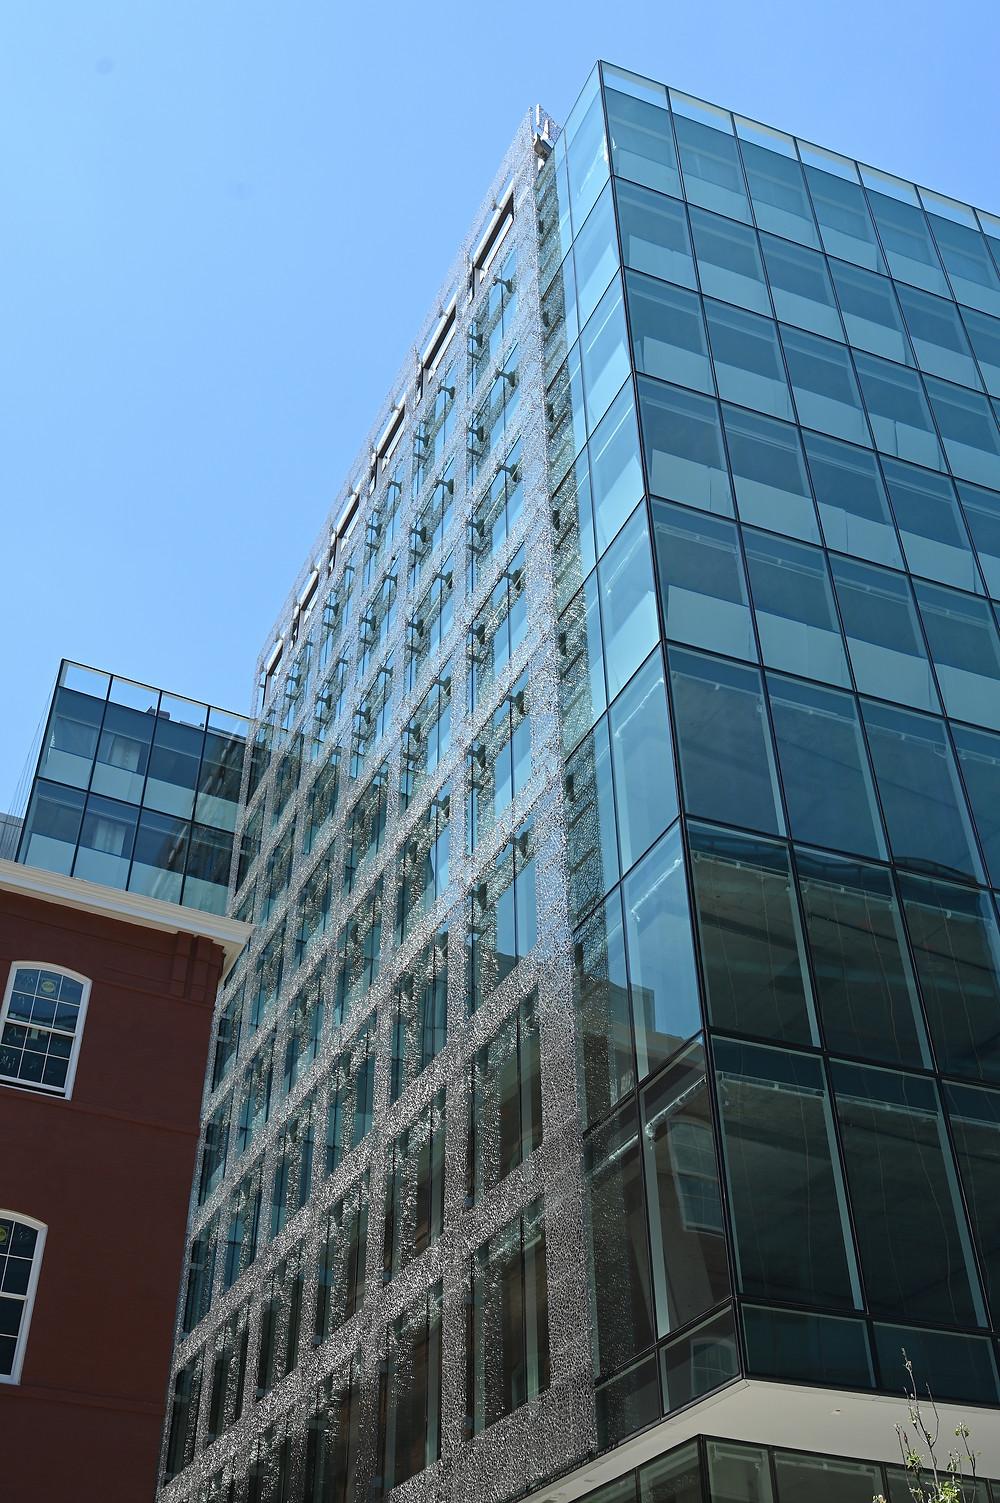 2100 L Street, NW, Washington DC - Akridge, Martinez & Johnson, OLJ Architecture